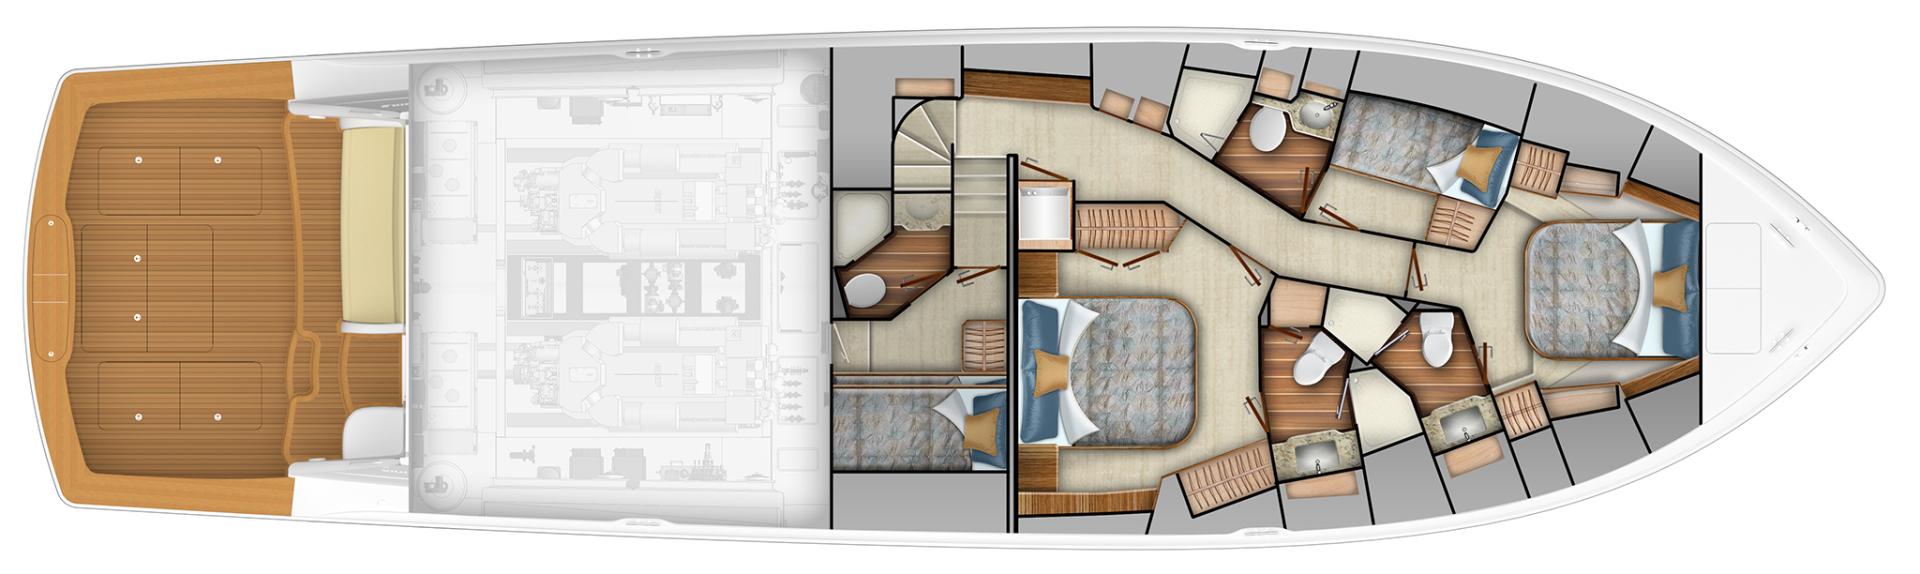 Viking 68 - Option #1 Stateroom Layout